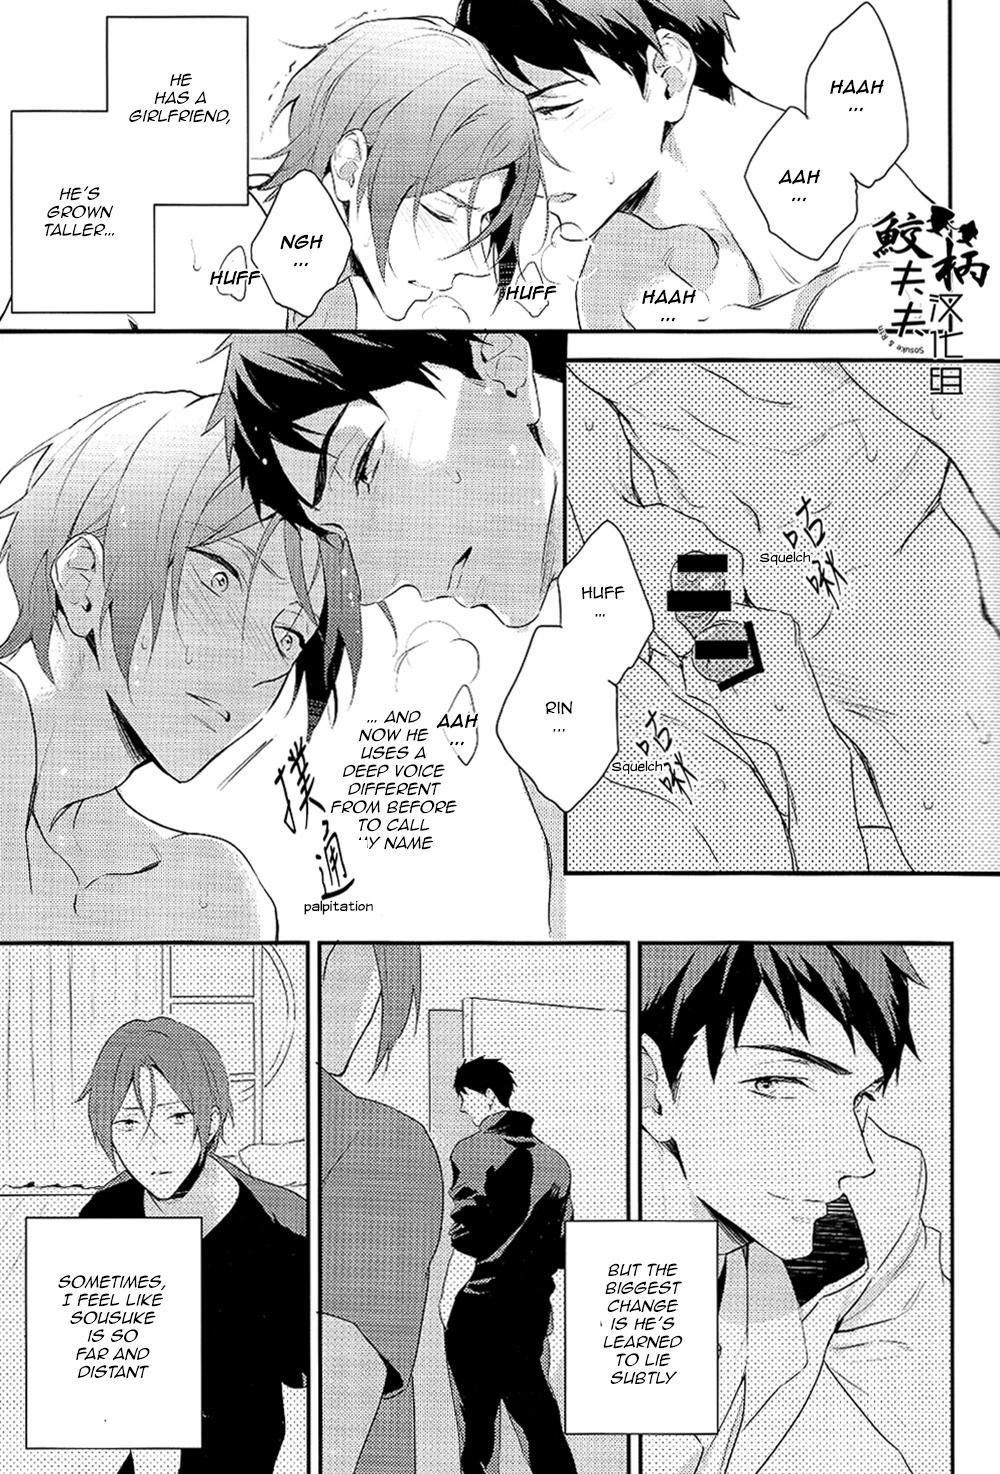 Yasashii Dokusen Yoku Kouhen | Gentle Possessiveness sequel 5